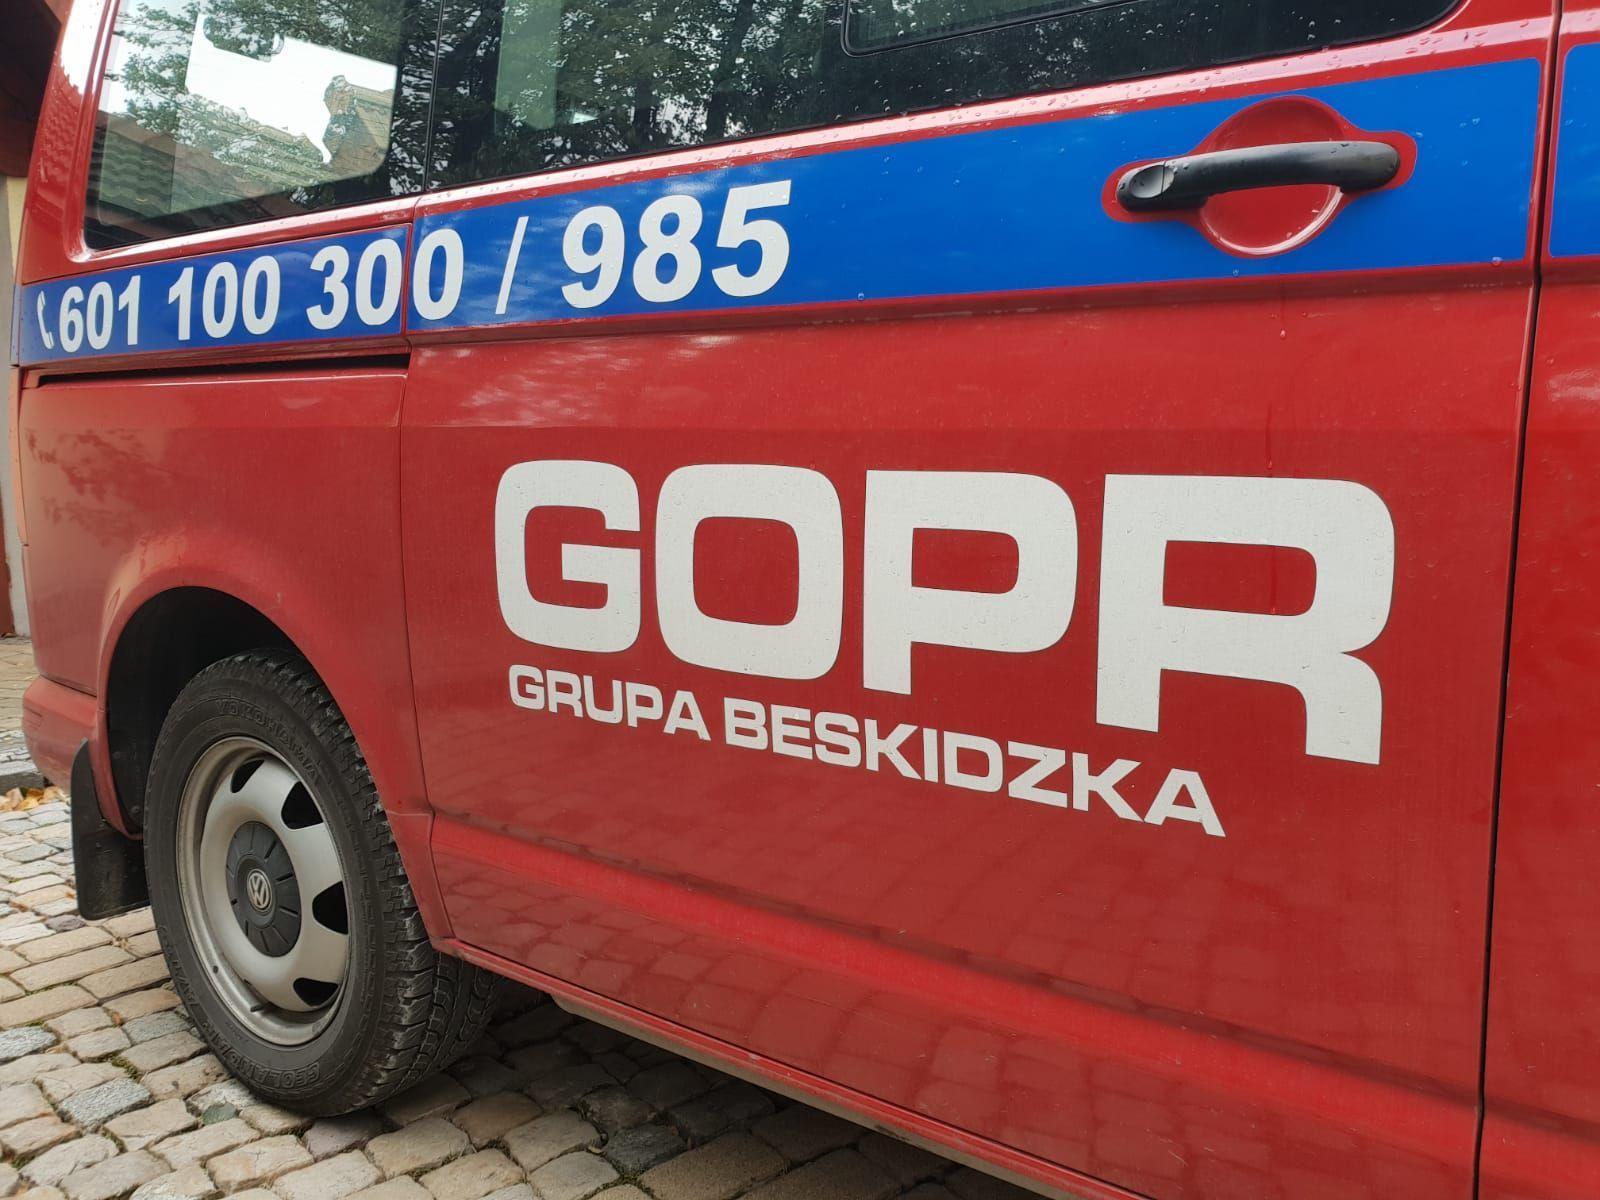 Trzy akcje ratownicze GOPR. Ratownicy pomagali rowerzystom